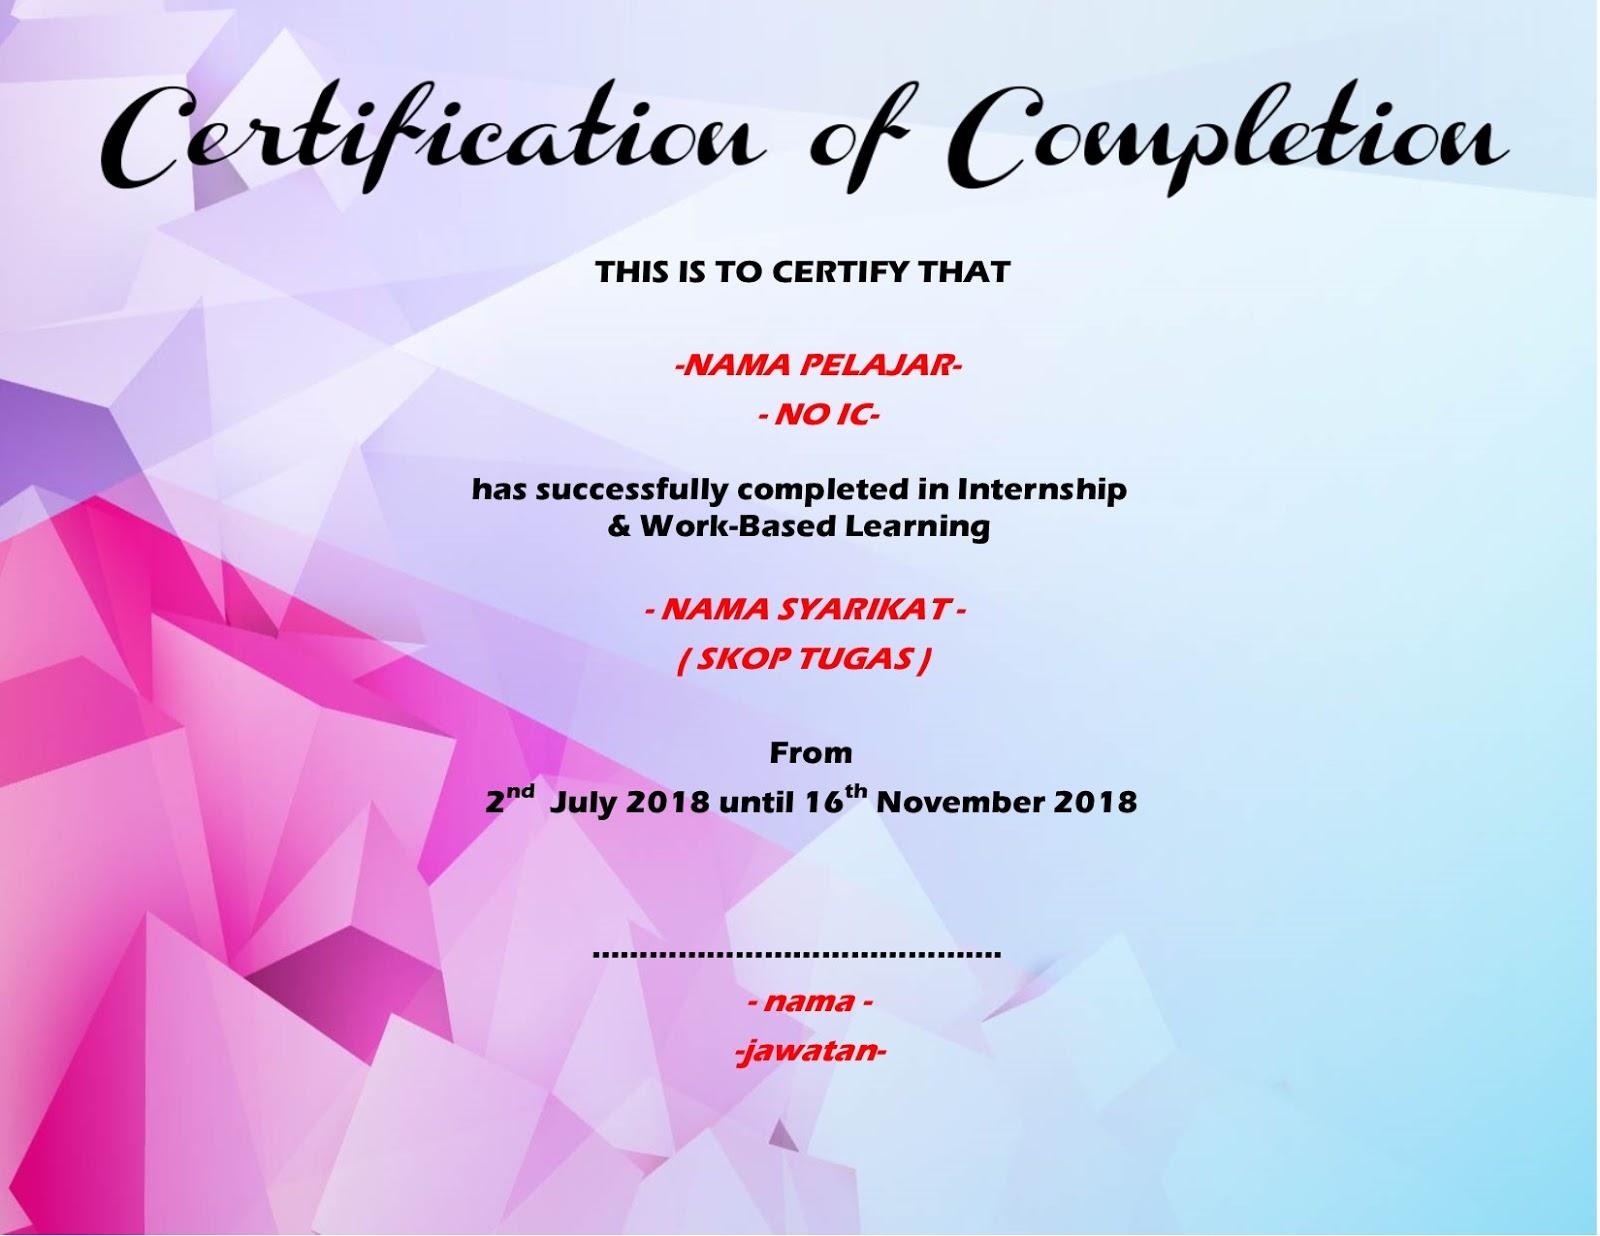 Li Sesi Jun 2018 Penyediaan Sijil Certificate Of Completion Bagi Pelajar Yang Akan Tamat Li Upli Psmza